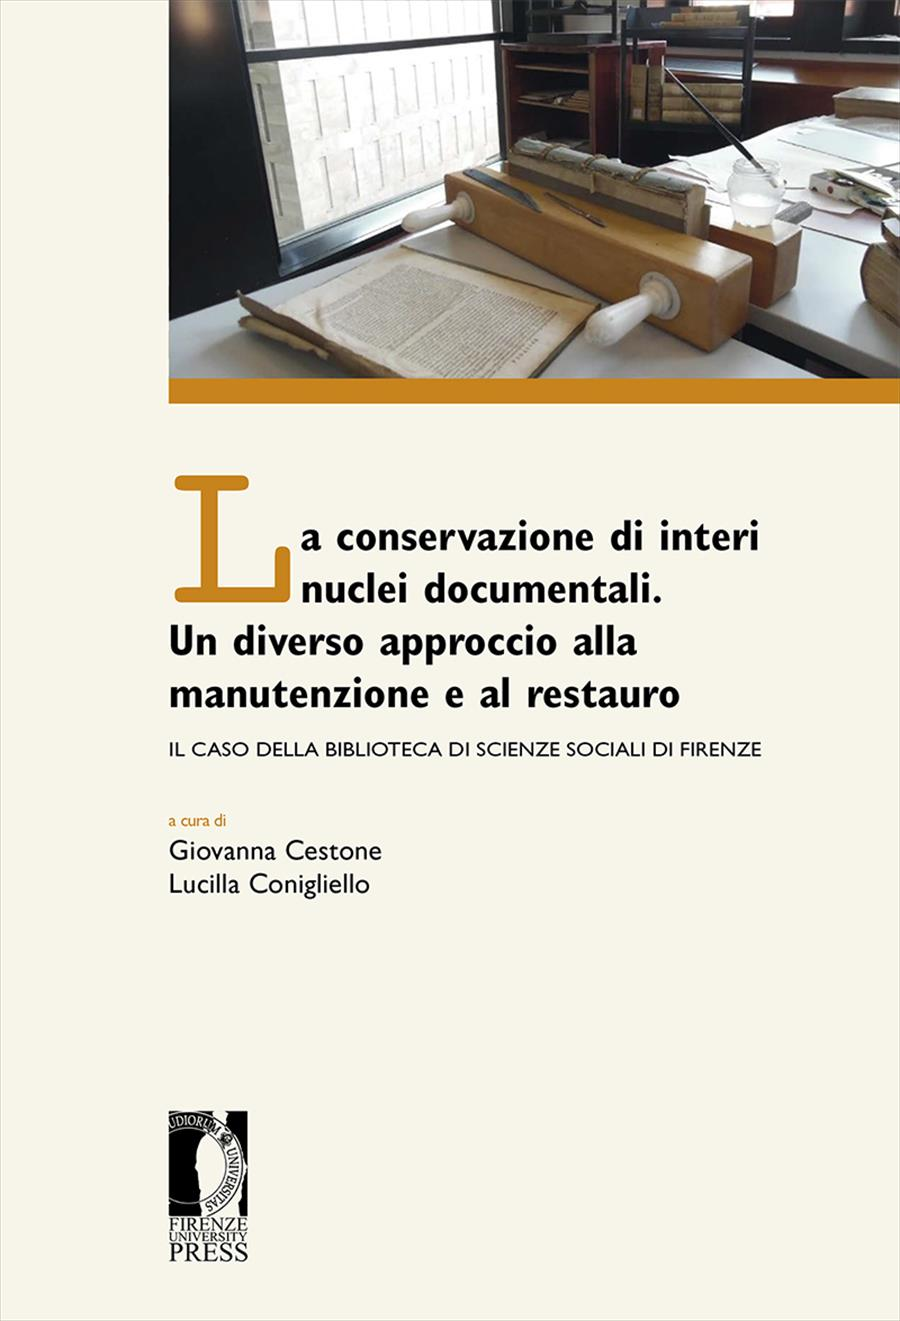 La conservazione di interi nuclei documentali. Un diverso approccio alla conservazione e al restauro. Il caso della Biblioteca di scienze sociali di Firenze